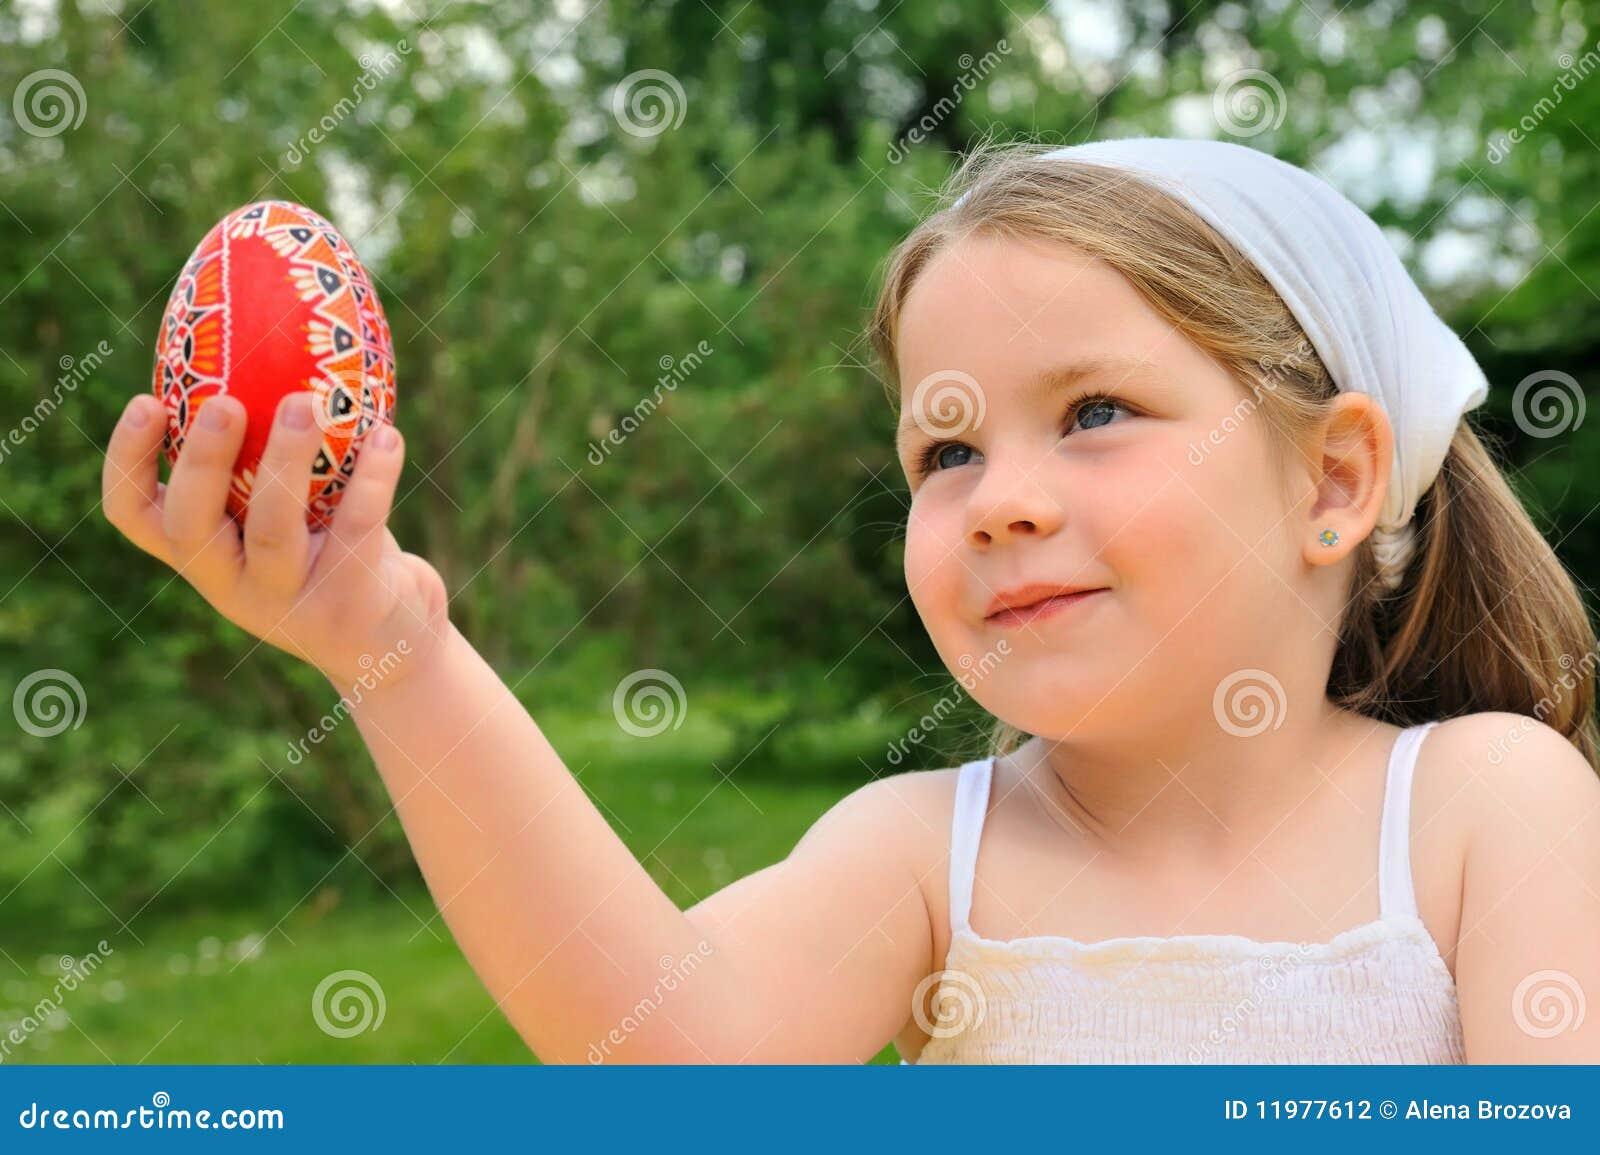 Яички в руке девушки, Русская красотка сжимает в руках мужские яйца и дает 23 фотография